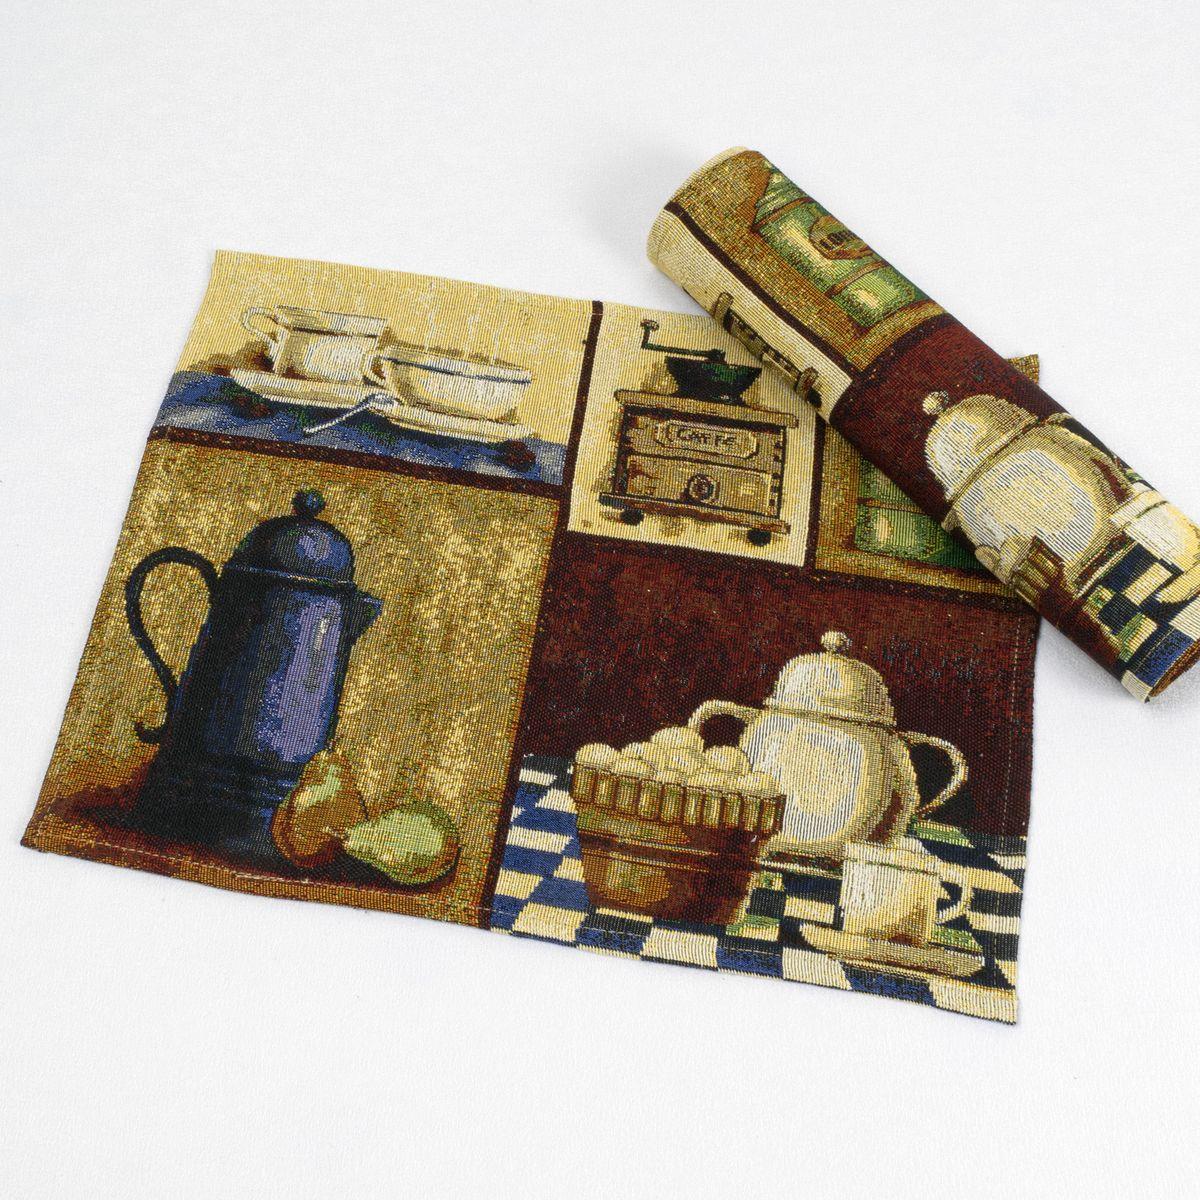 Салфетка Schaefer, цвет: коричневый, бежевый, 33 х 46 см. 07832-31807832-318Салфетка Schaefer, выполненная из 65% полиэстера и 35% хлопка оформлена оригинальным рисунком.Изысканный текстиль от компании Schaefer - это красота, стиль и уют в вашем доме. Благодаря декоративным салфеткам ваш стол заиграет новыми красками, ведь именно небольшие и милые акценты задают тон и настроение. Дарите себе и близким красоту каждый день! Изделие легко стирать (вручную) и гладить, не требует специального ухода. Размер: 33 х 46 см.